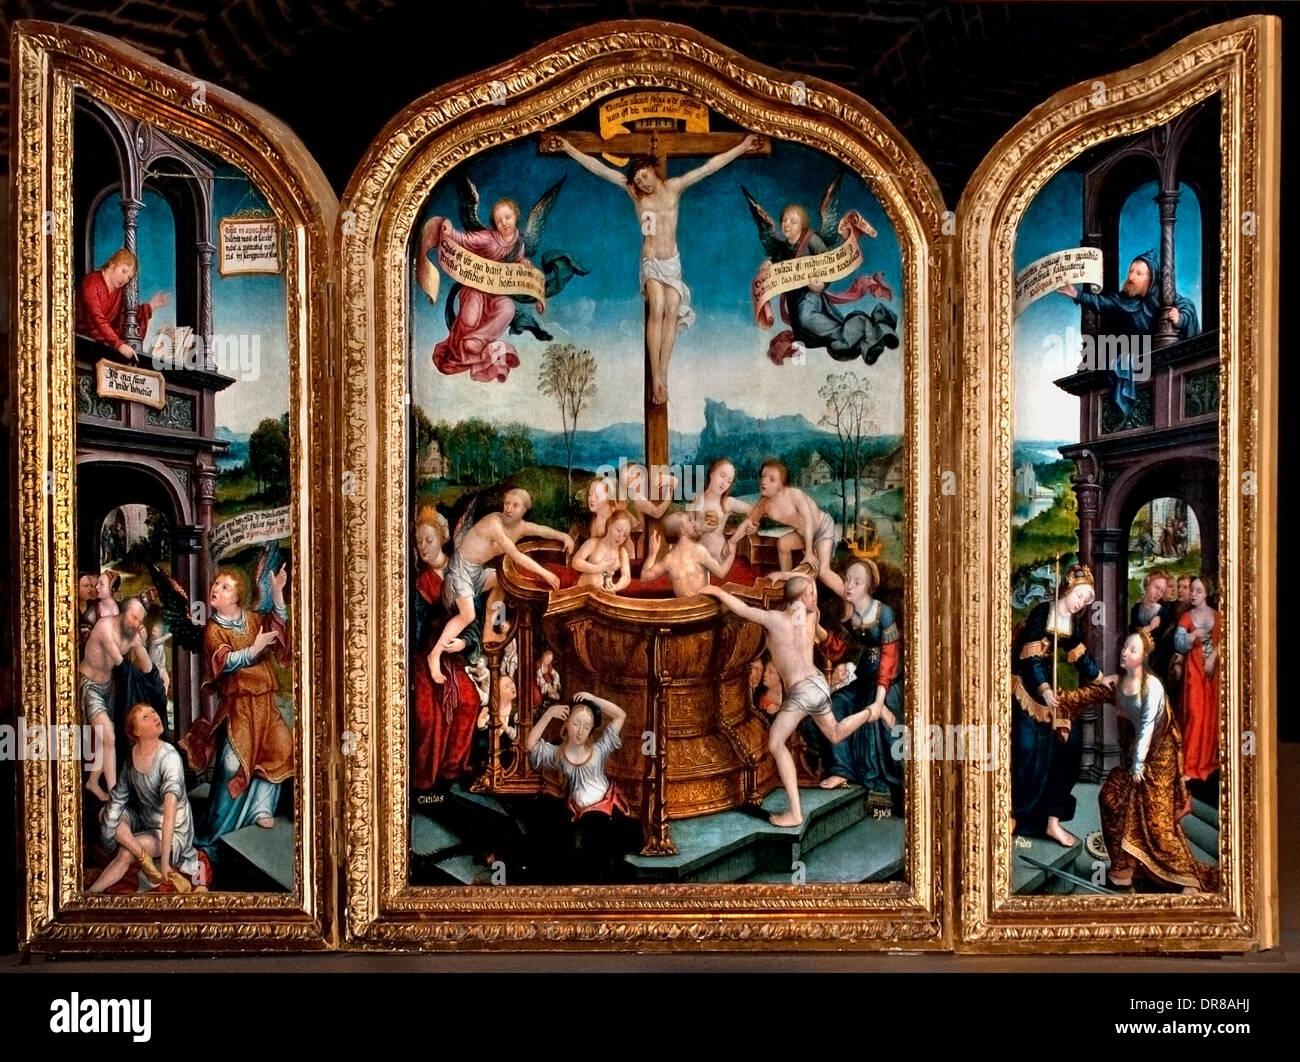 Triptyque du Bain mystique - Triptych of the Mystical Bath - Jean ...